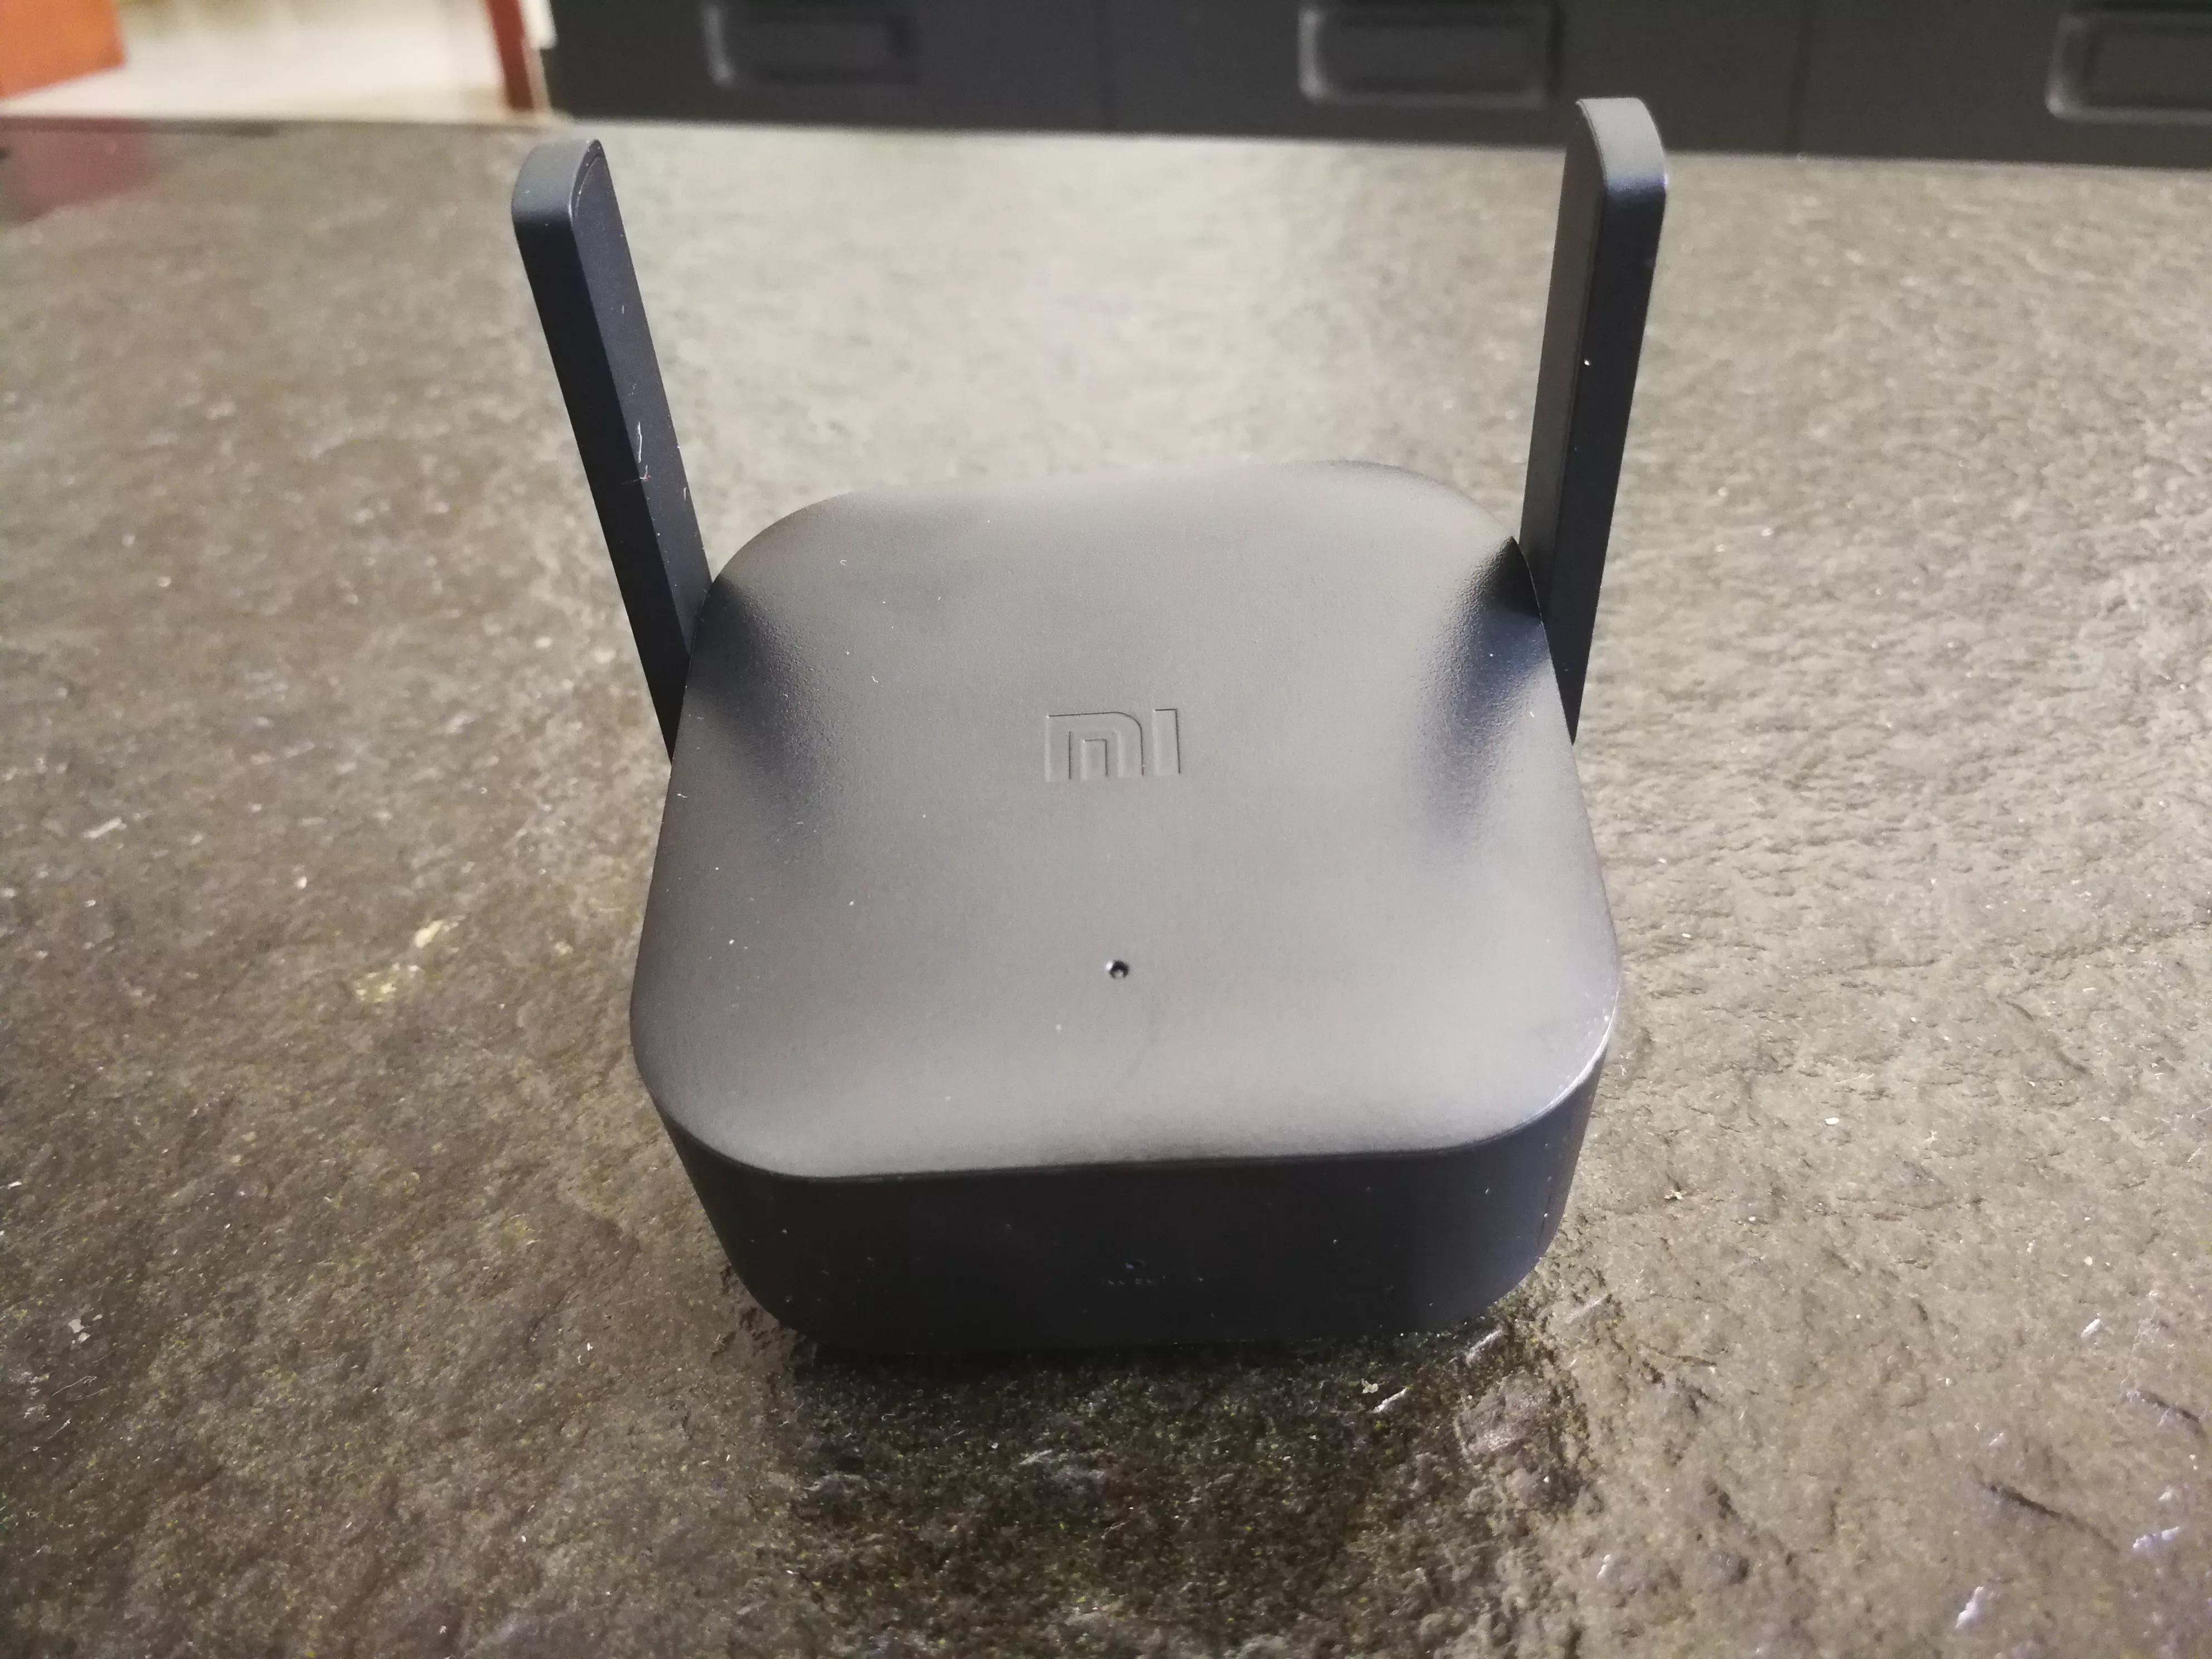 小米wifi放大器黄灯一直闪烁(小米wifi放大器使用说明)